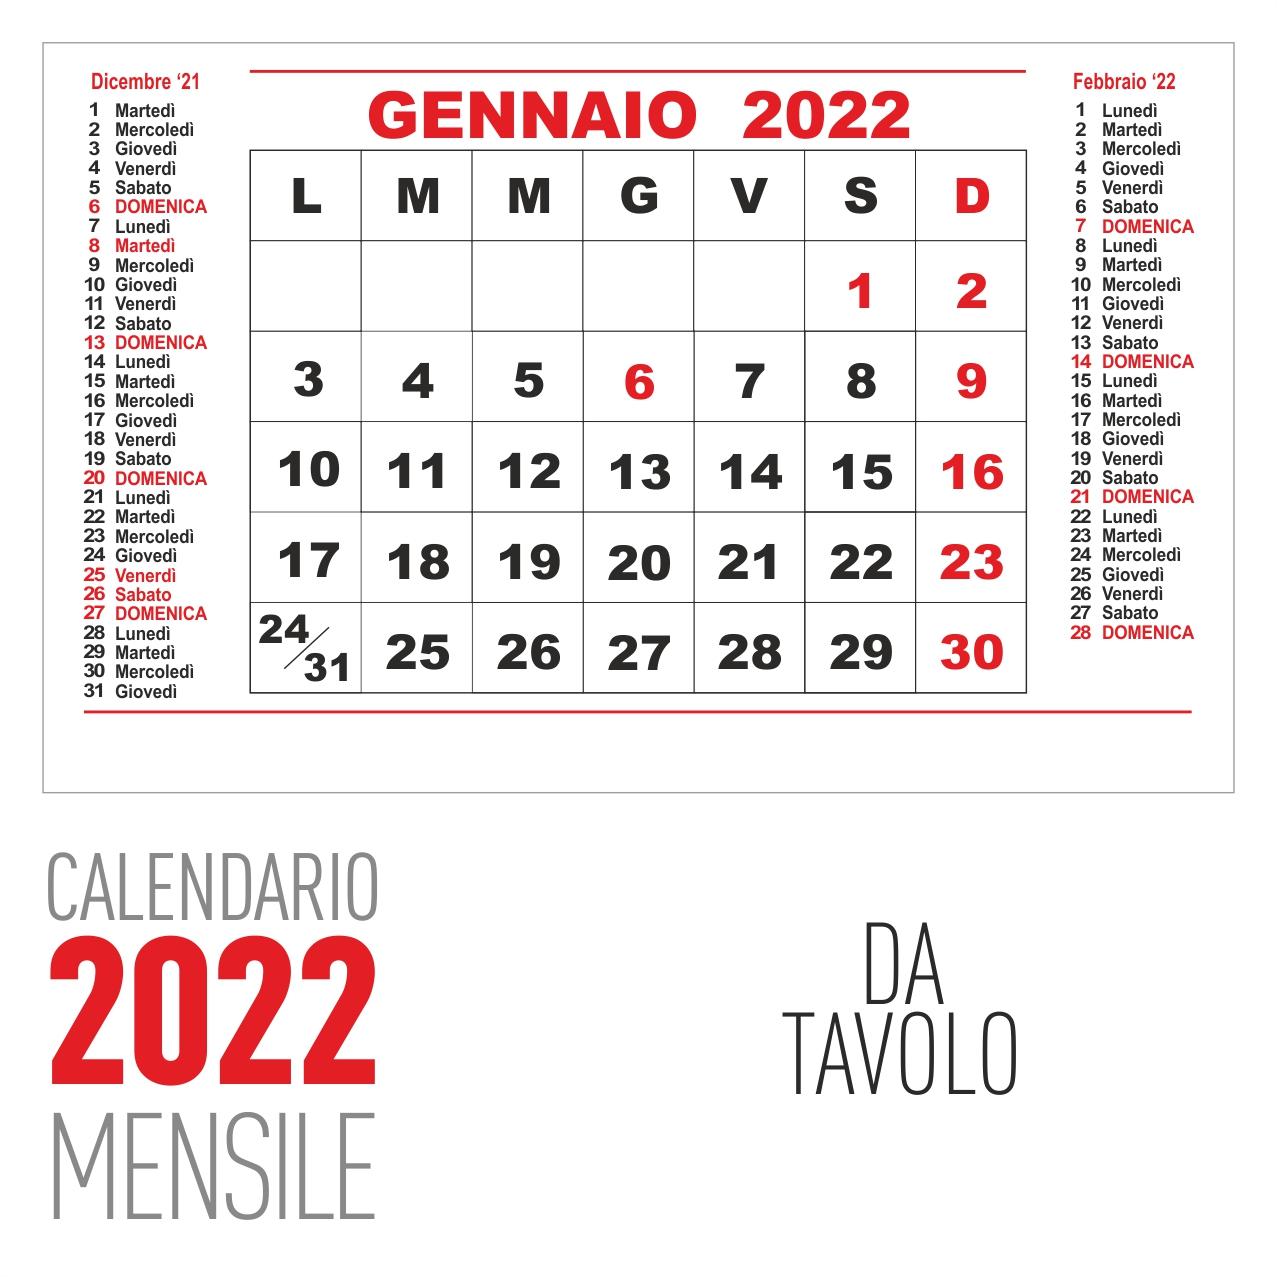 calendario 2022 mensile da tavolo